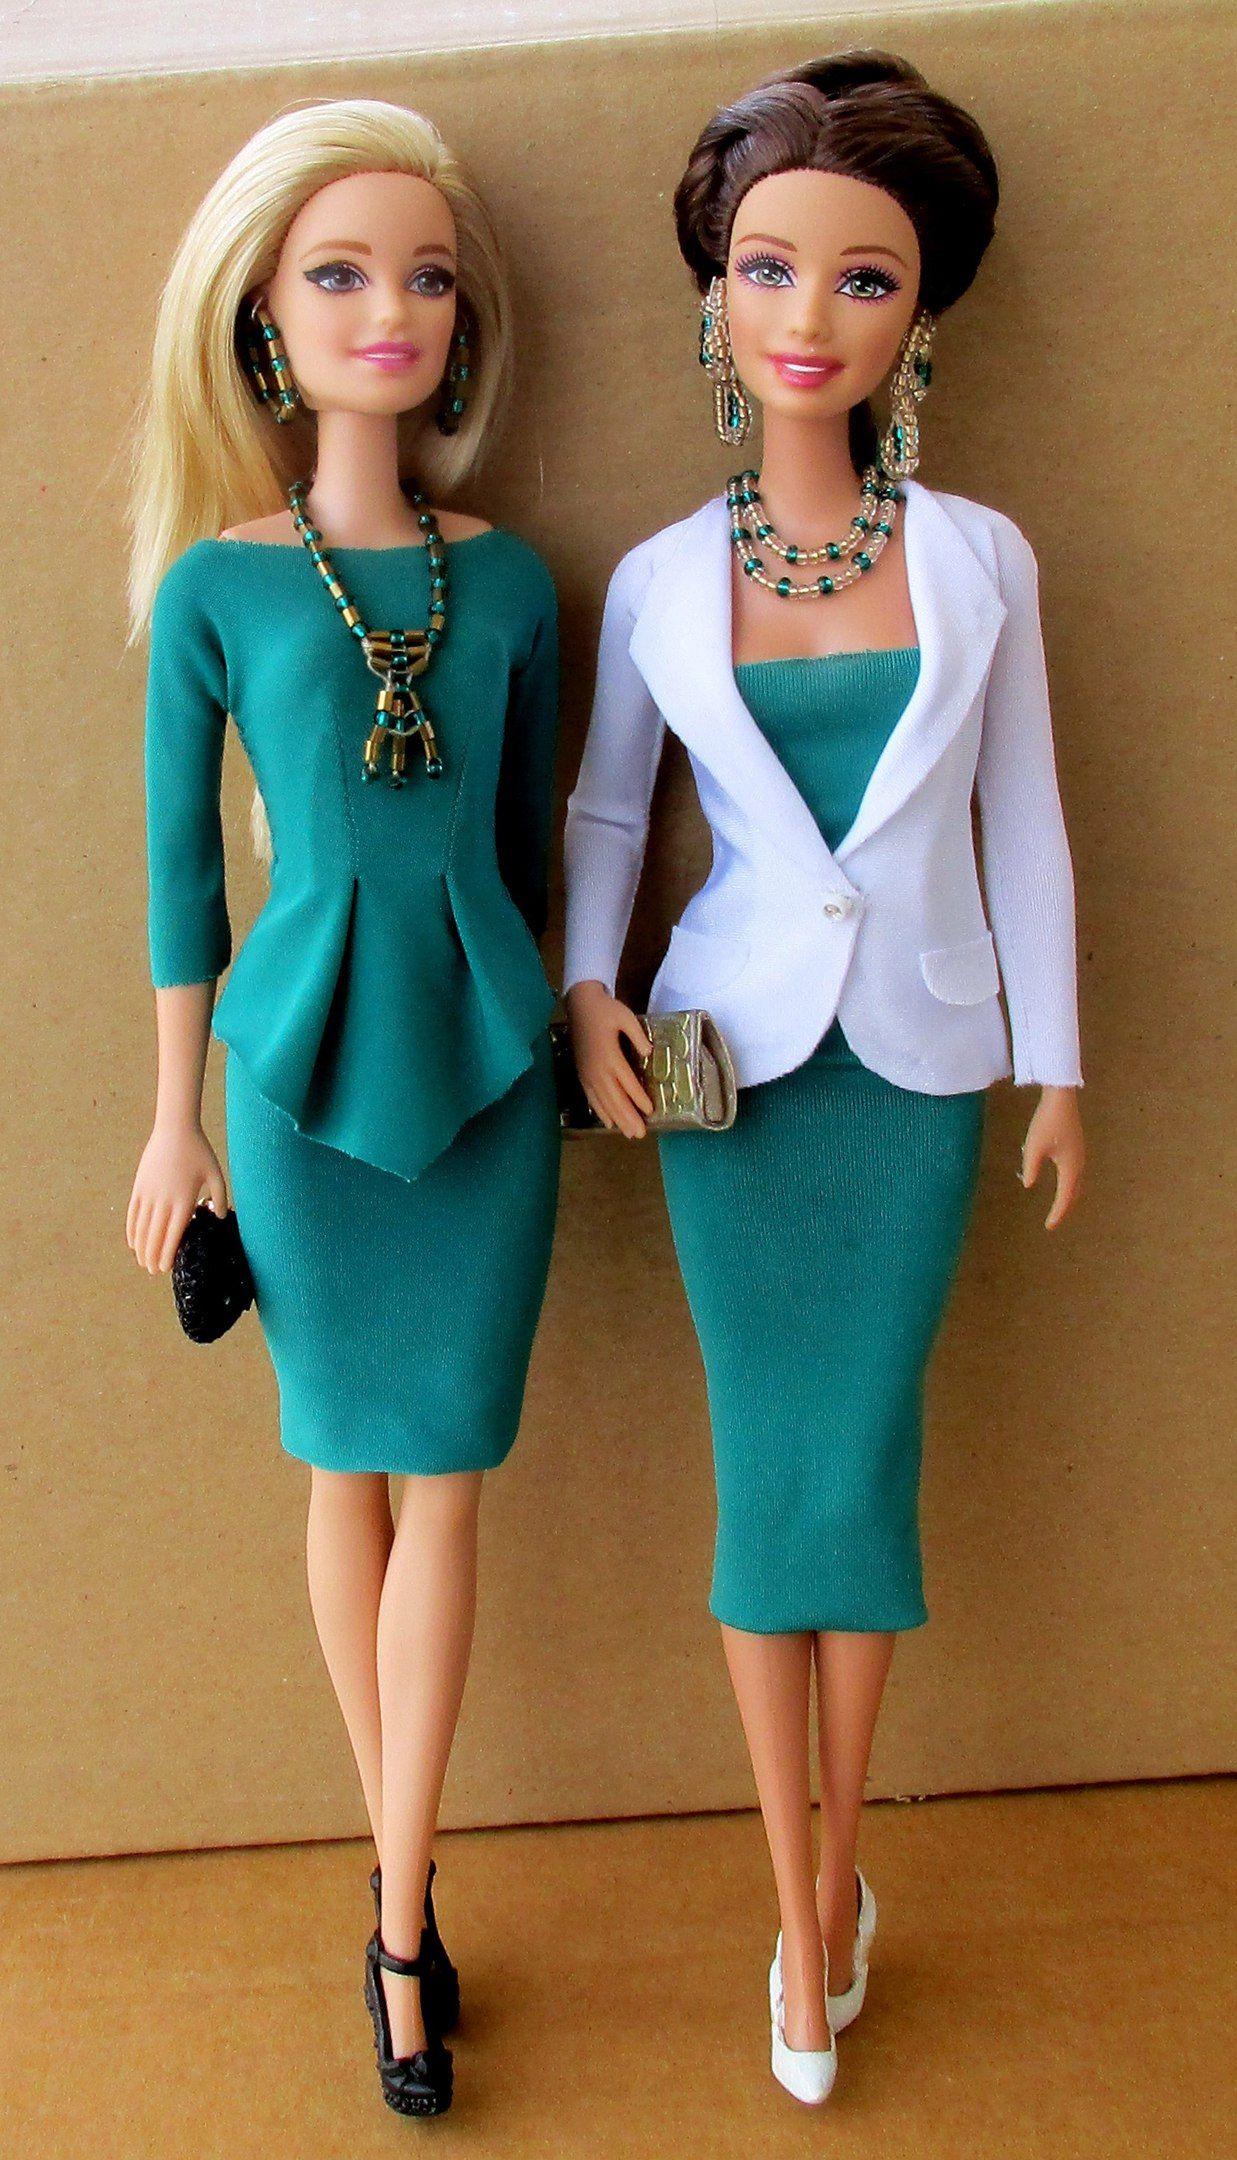 Pin de Vivian Myers en Barbie | Pinterest | Barbie, Muñecas y Traje